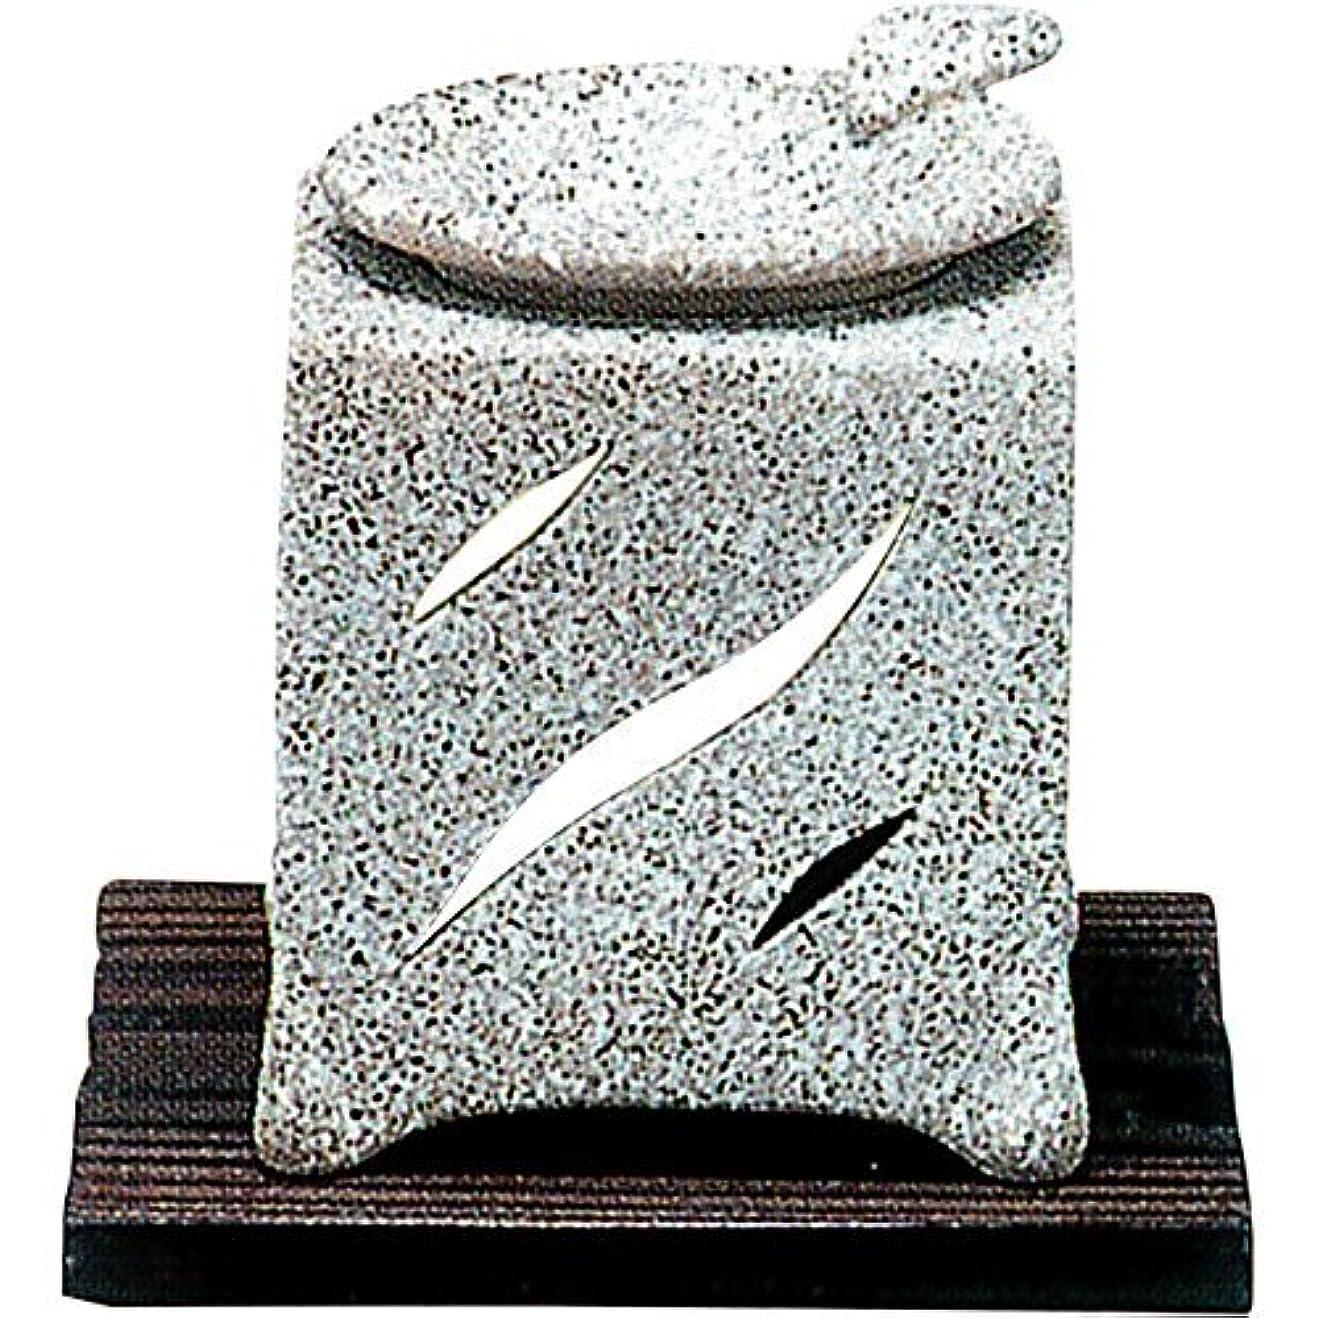 ウェイトレス耕すタイトル常滑焼 5-261 山房石風角形茶香炉 山房10×10×H12㎝